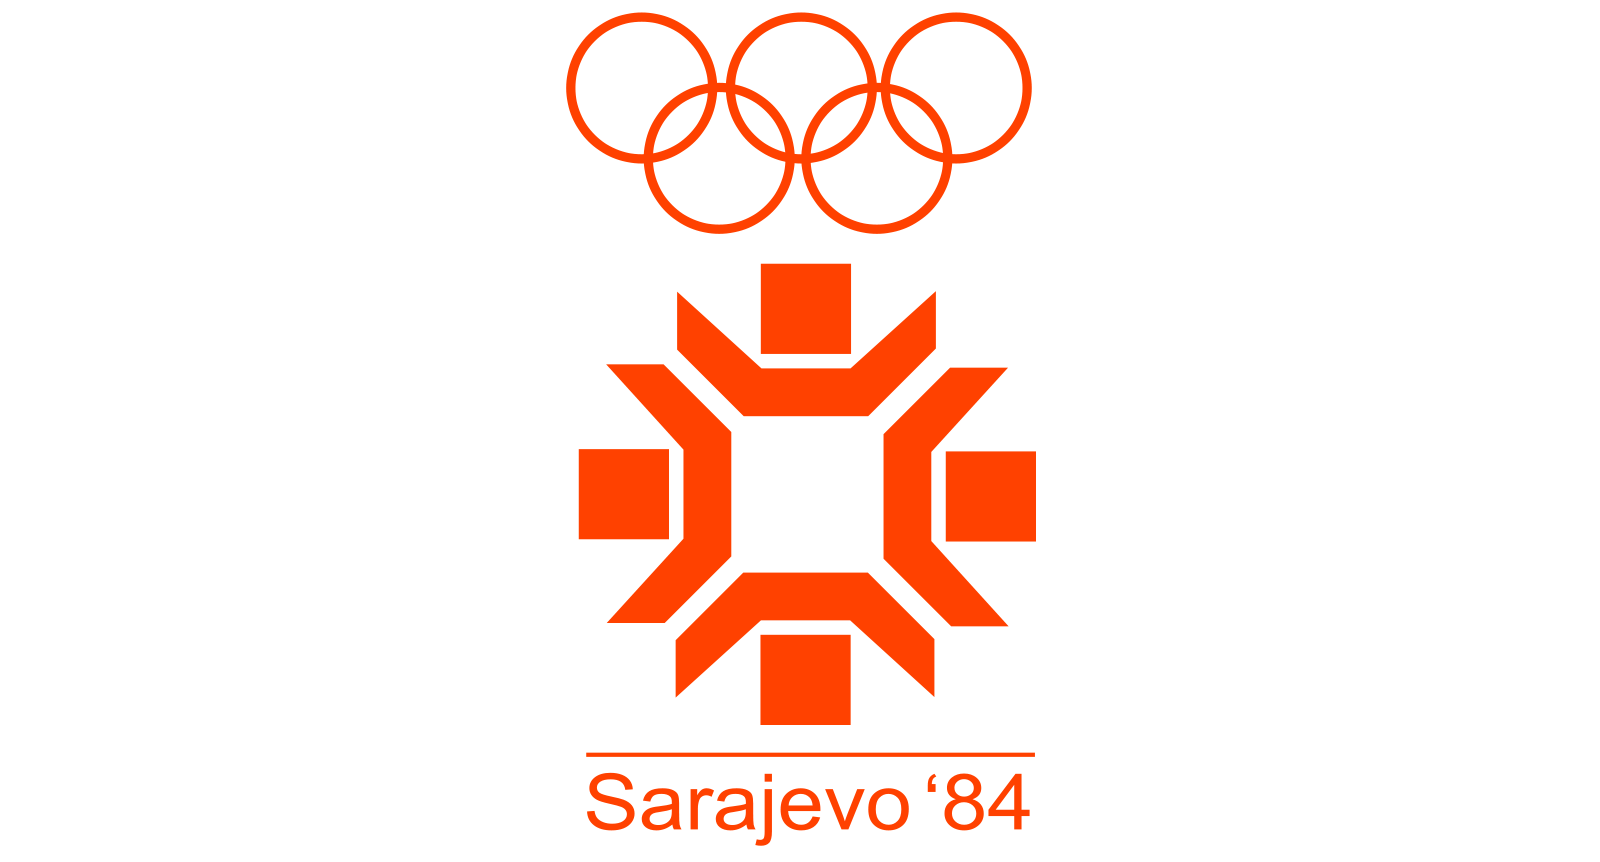 1984_Sarajevo_Winter_Olympics_logo